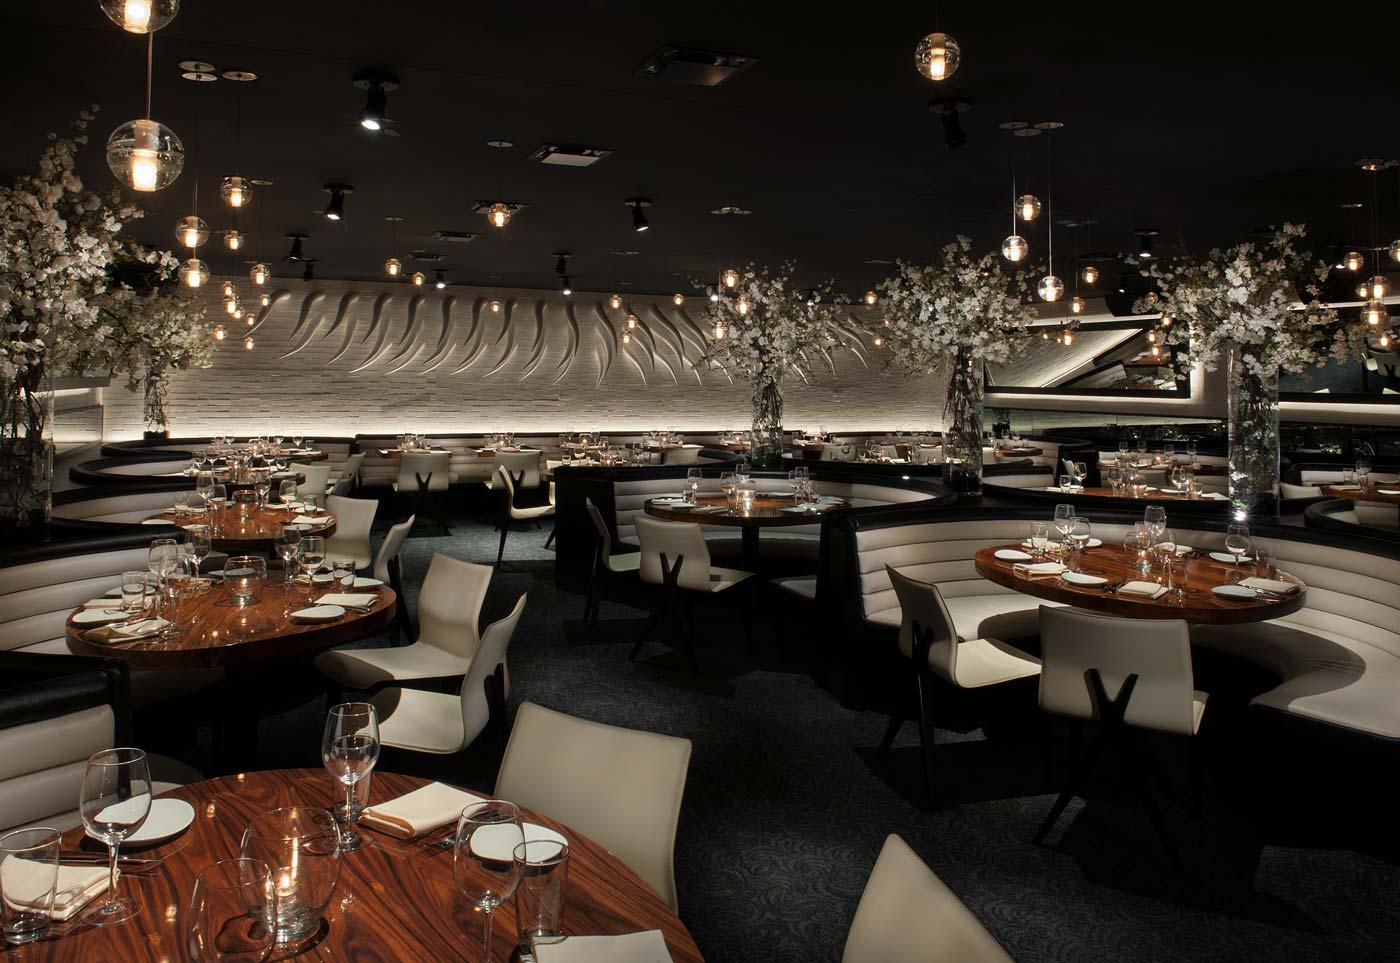 Stk Orlando Steakhouse Seafood Drinks